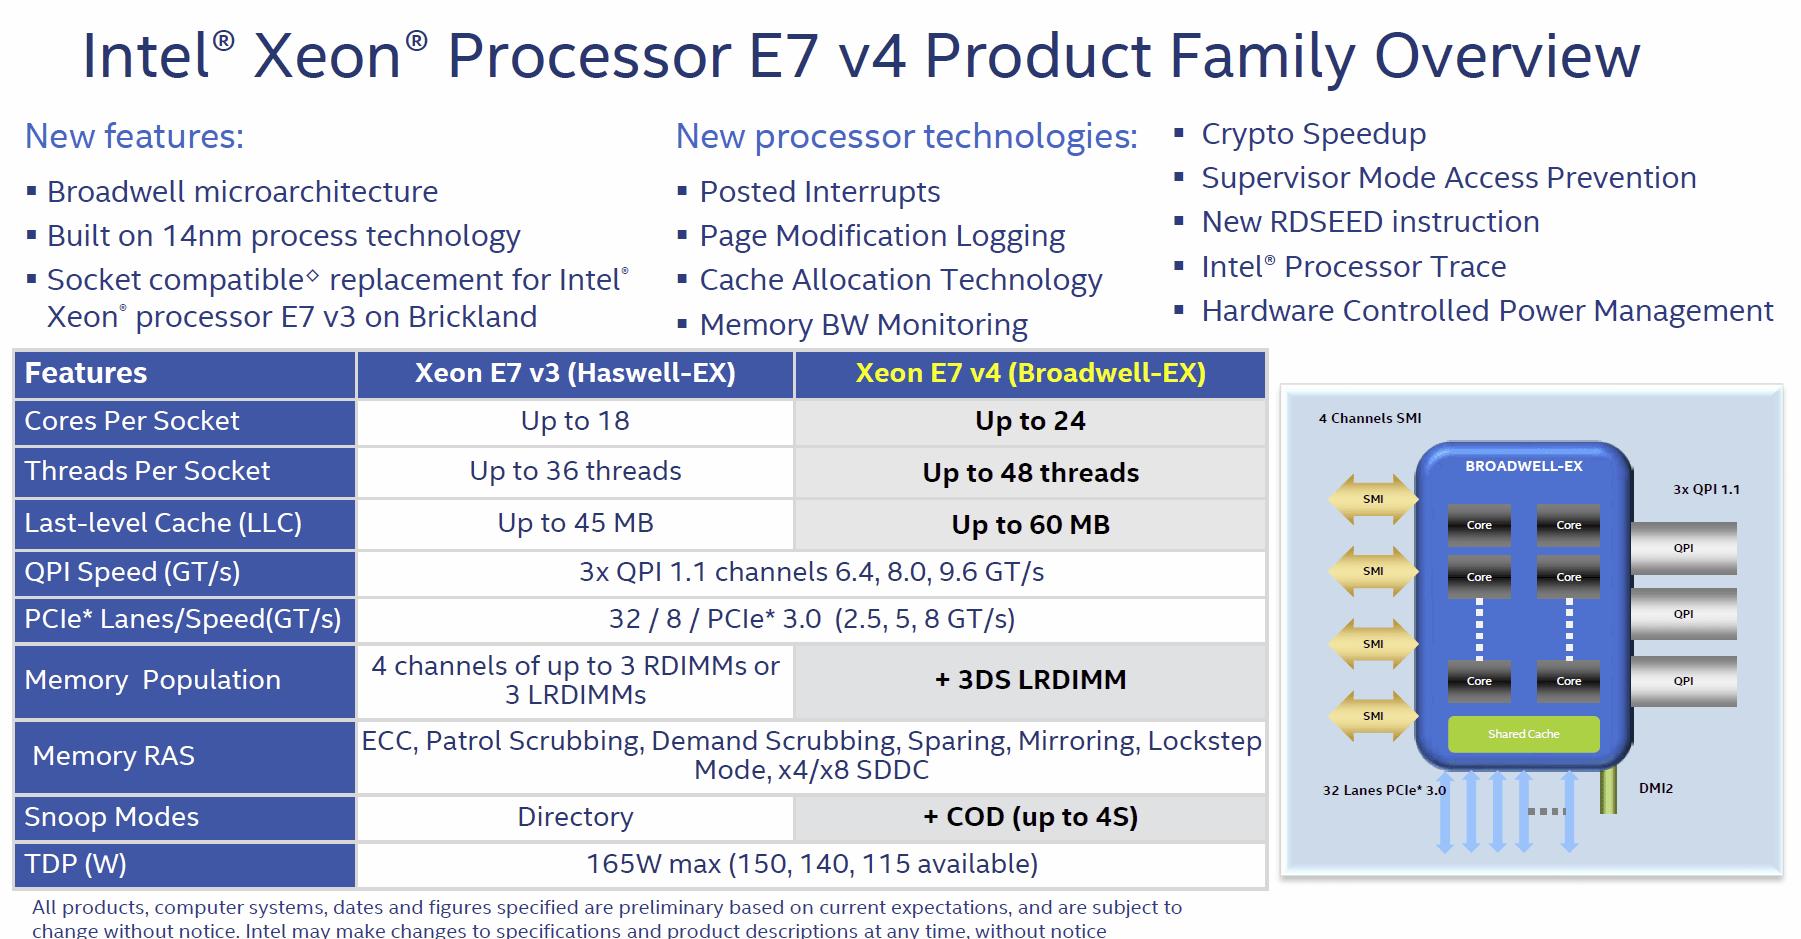 Überblick der Xeon E7 v4